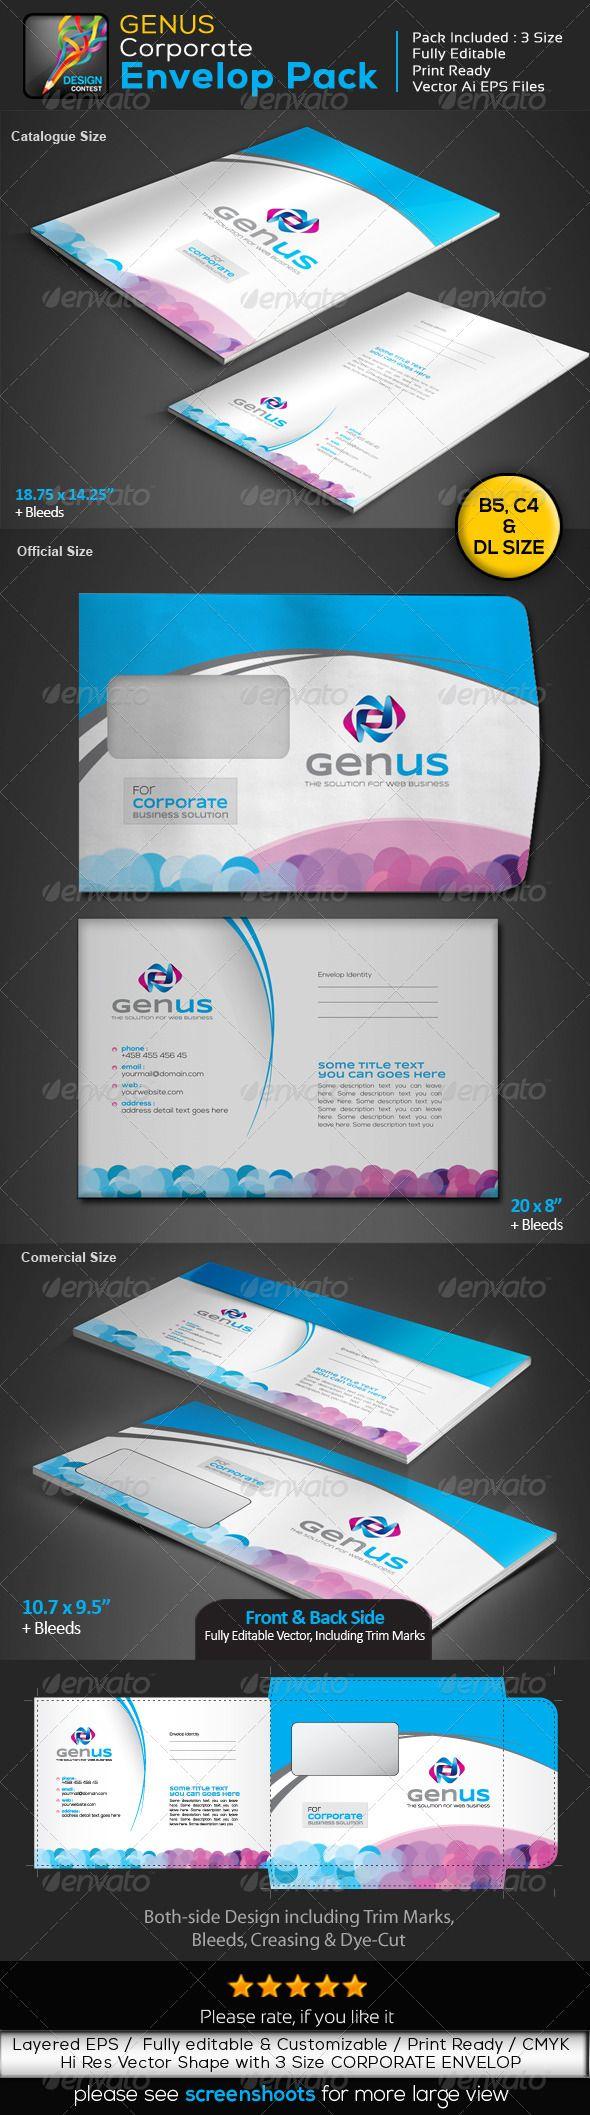 GENUS : Corporate Clean Creative Envelop Pack